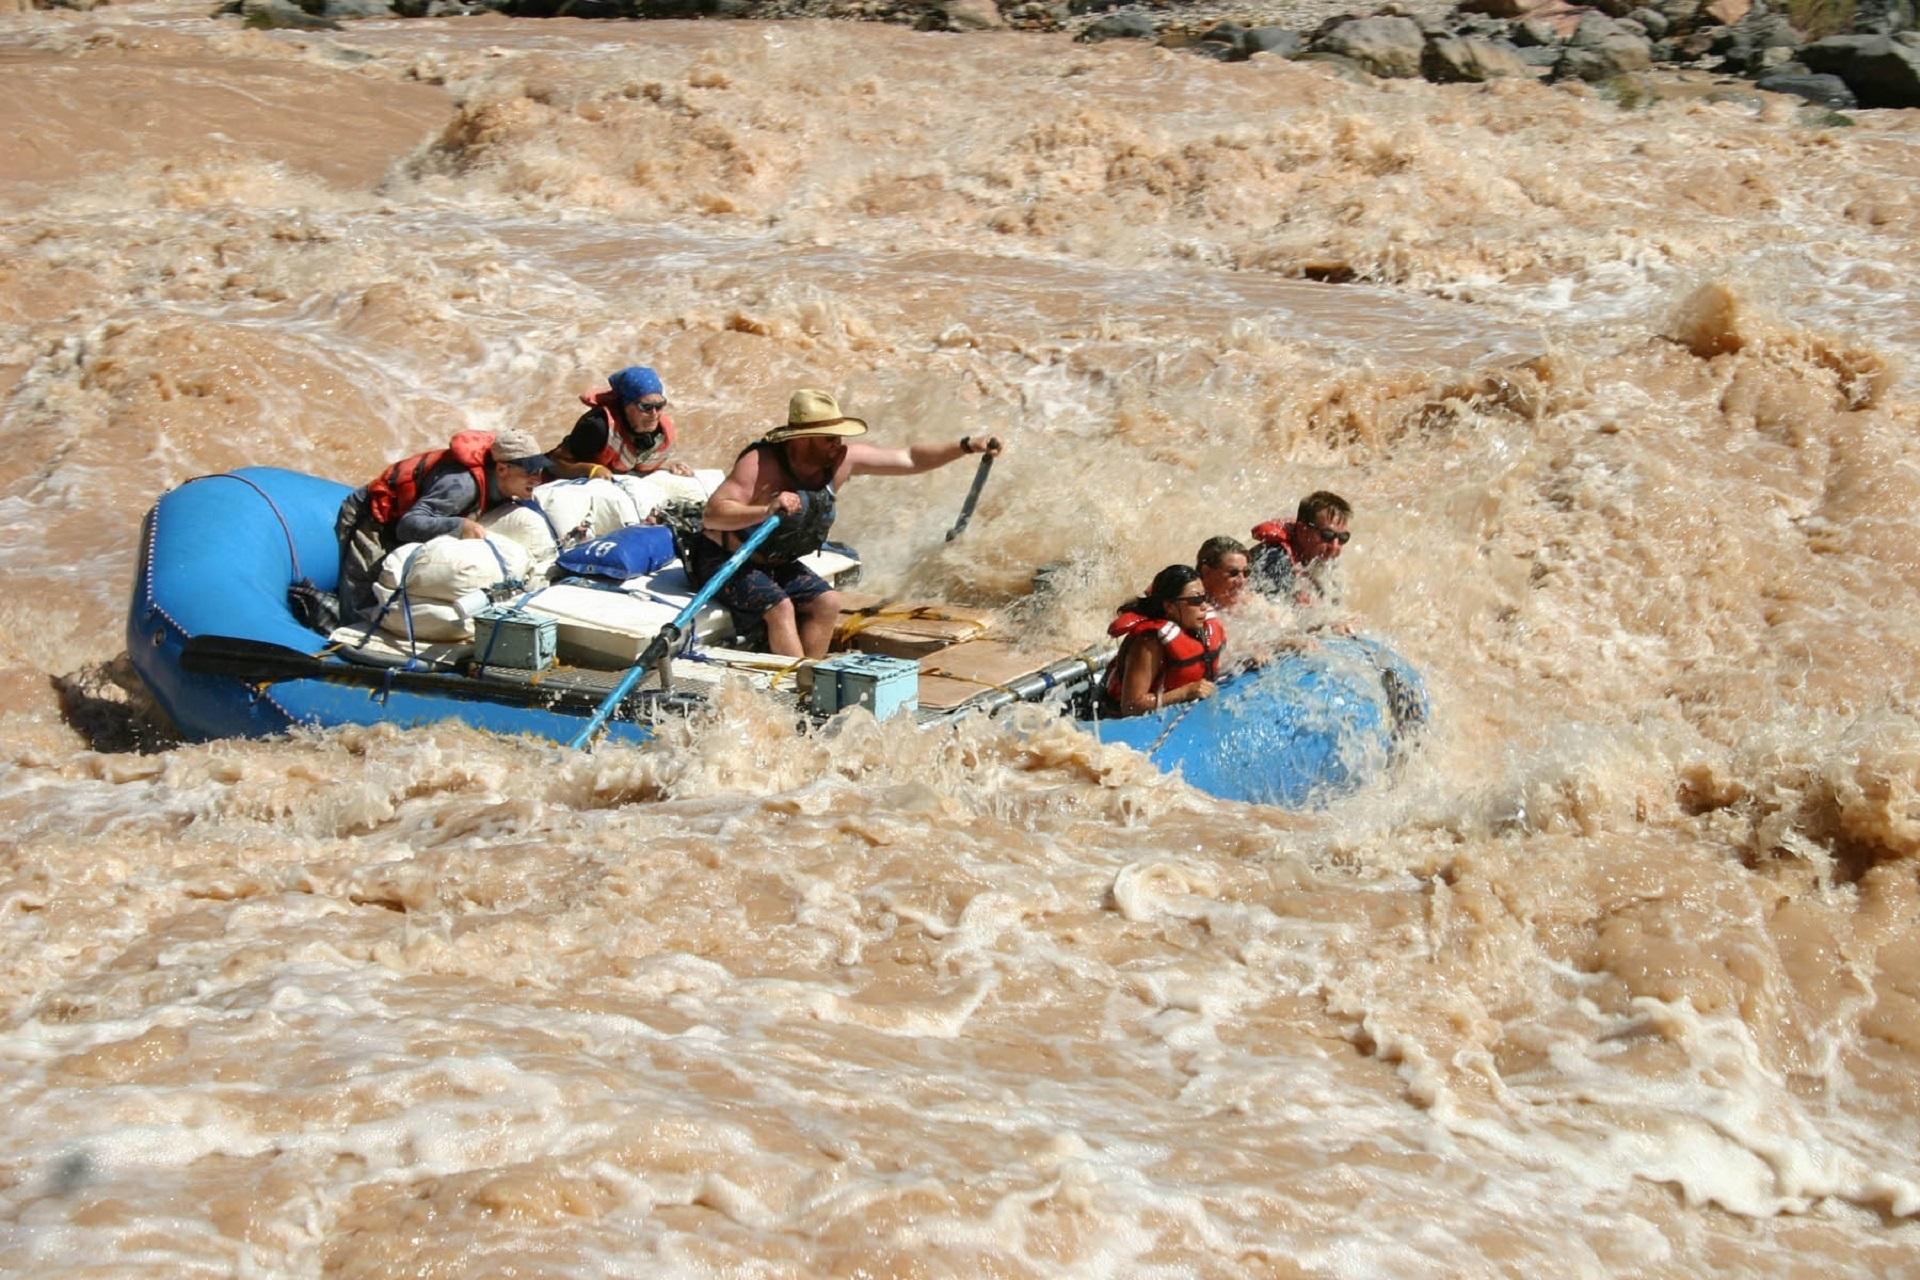 Река, быстрый, Рафтинг, Река Колорадо, риск - Обои HD - Профессор falken.com